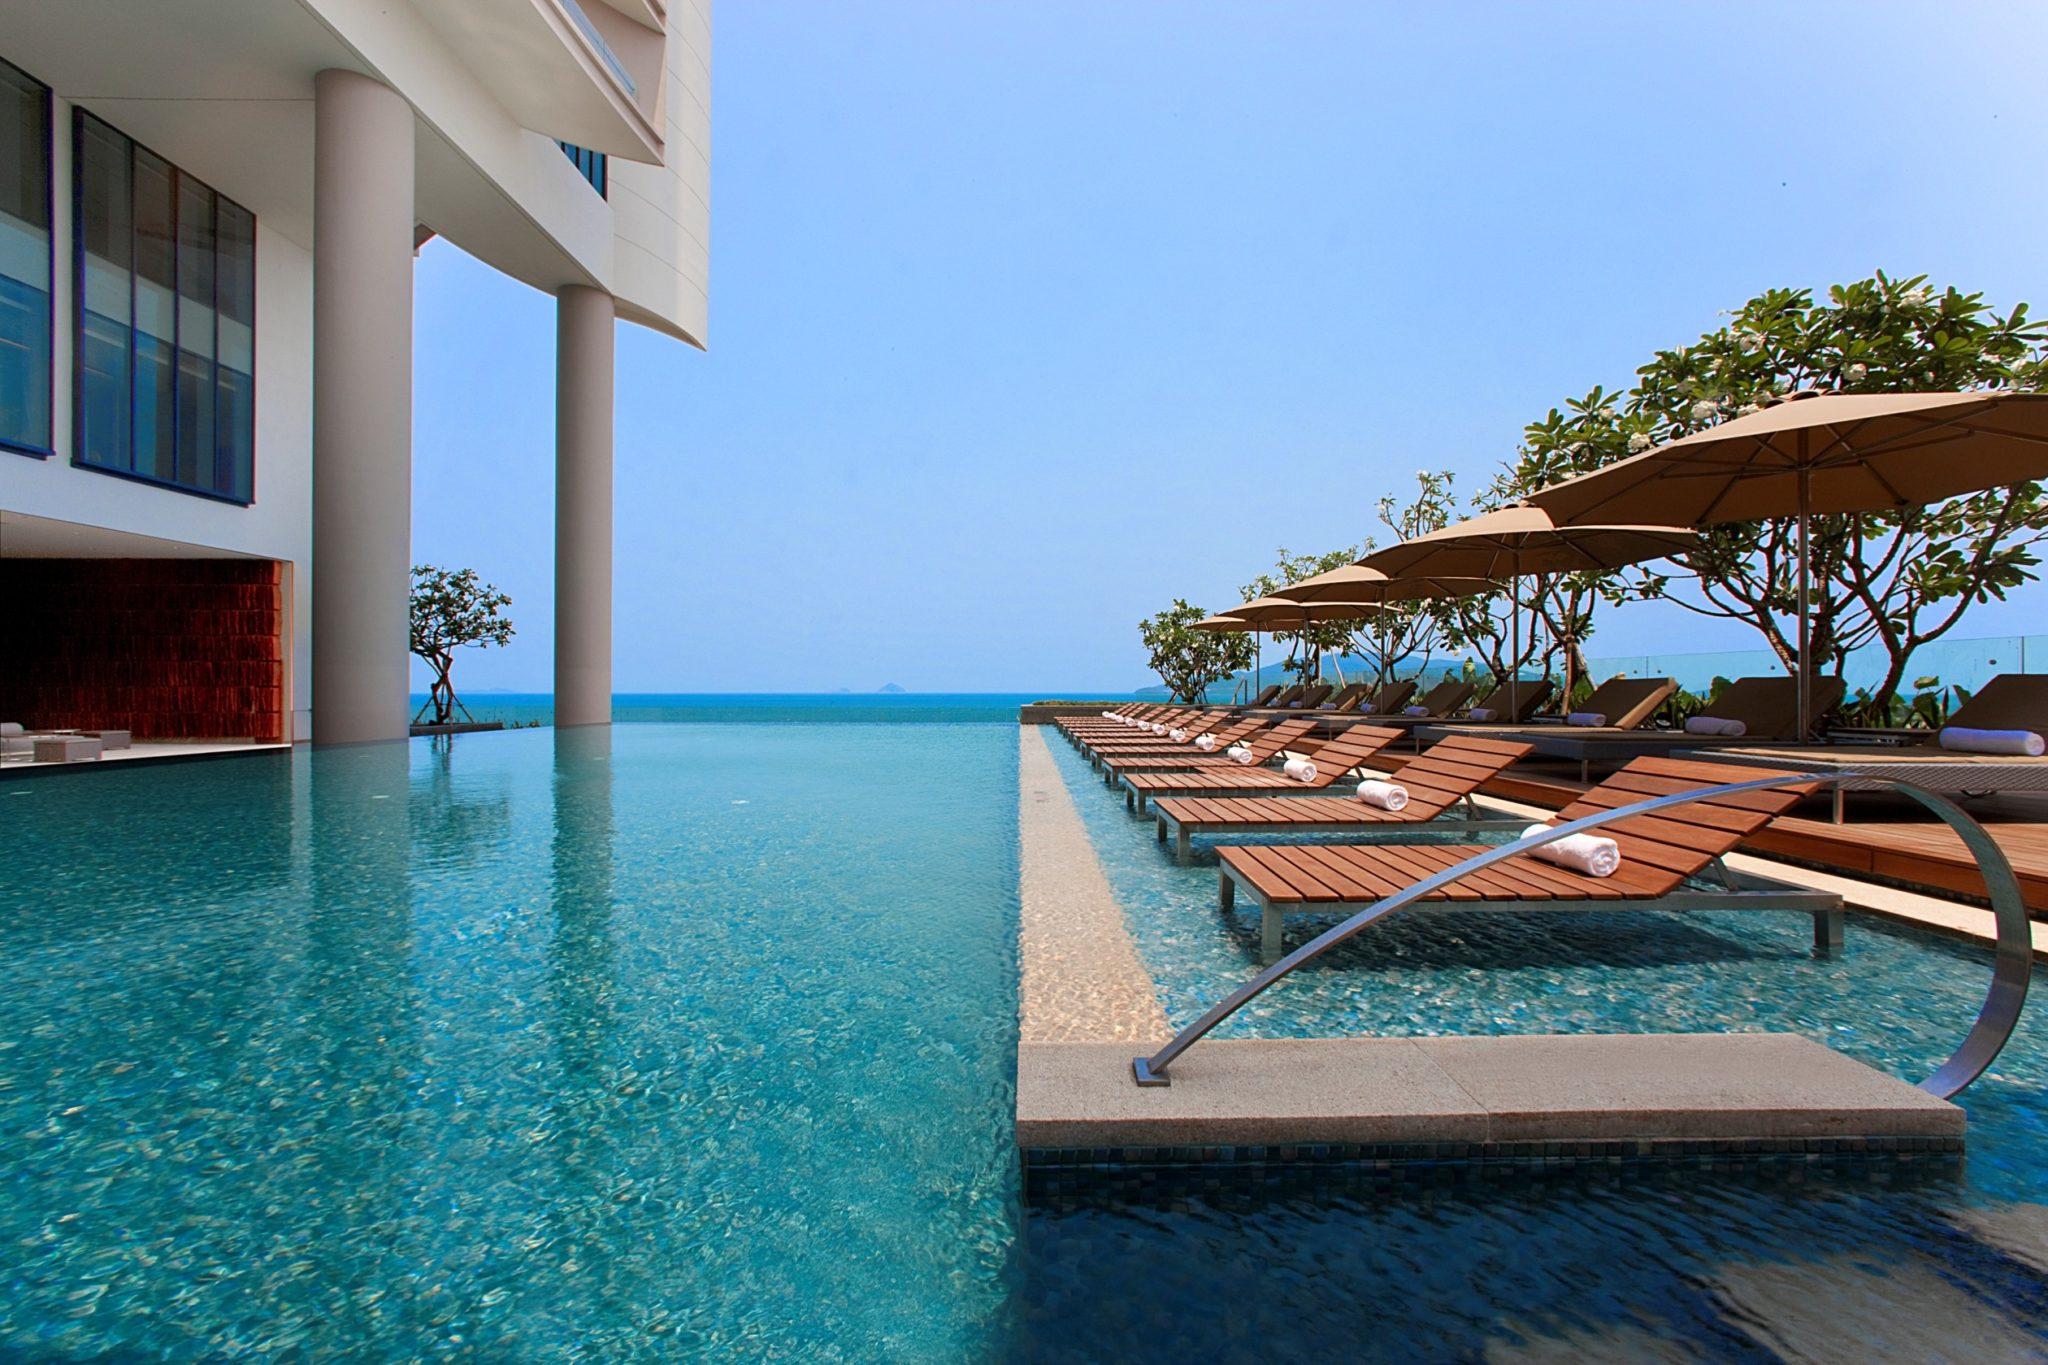 Sheraton Nha Trang Hotel and Spa, Vietnam  Infinity Pools